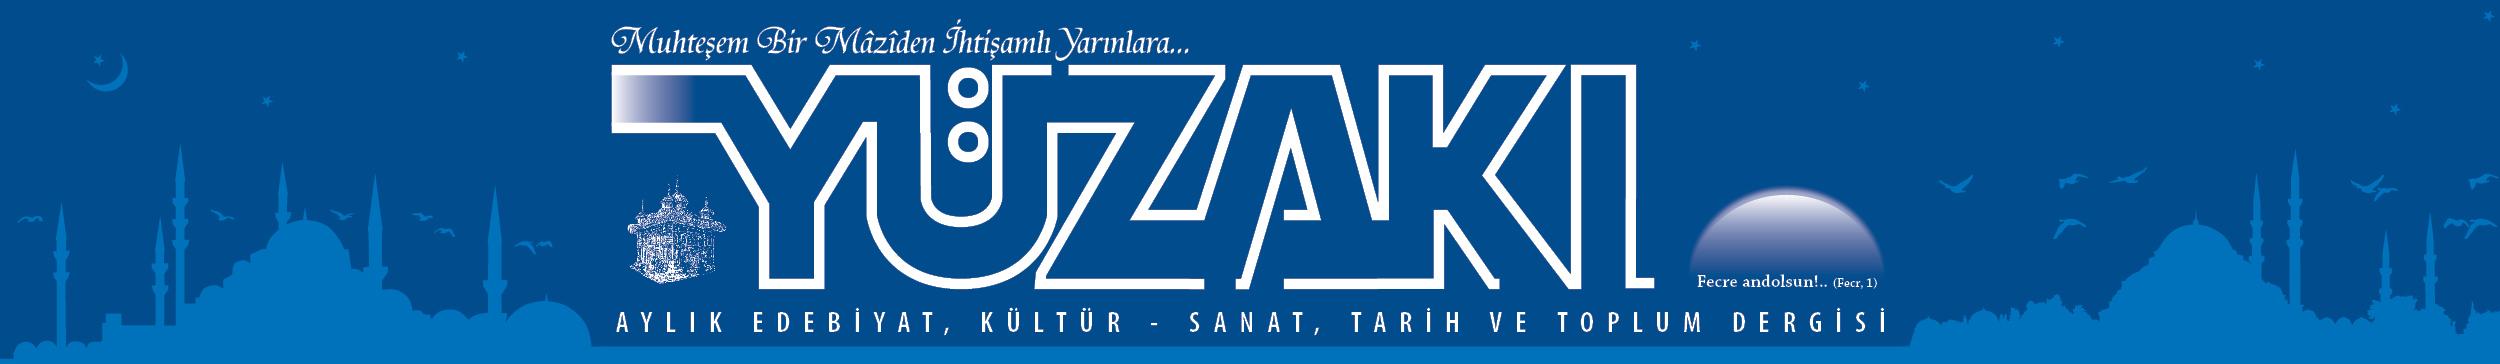 Yüzakı Dergisi, Yüzakı Yayıncılık